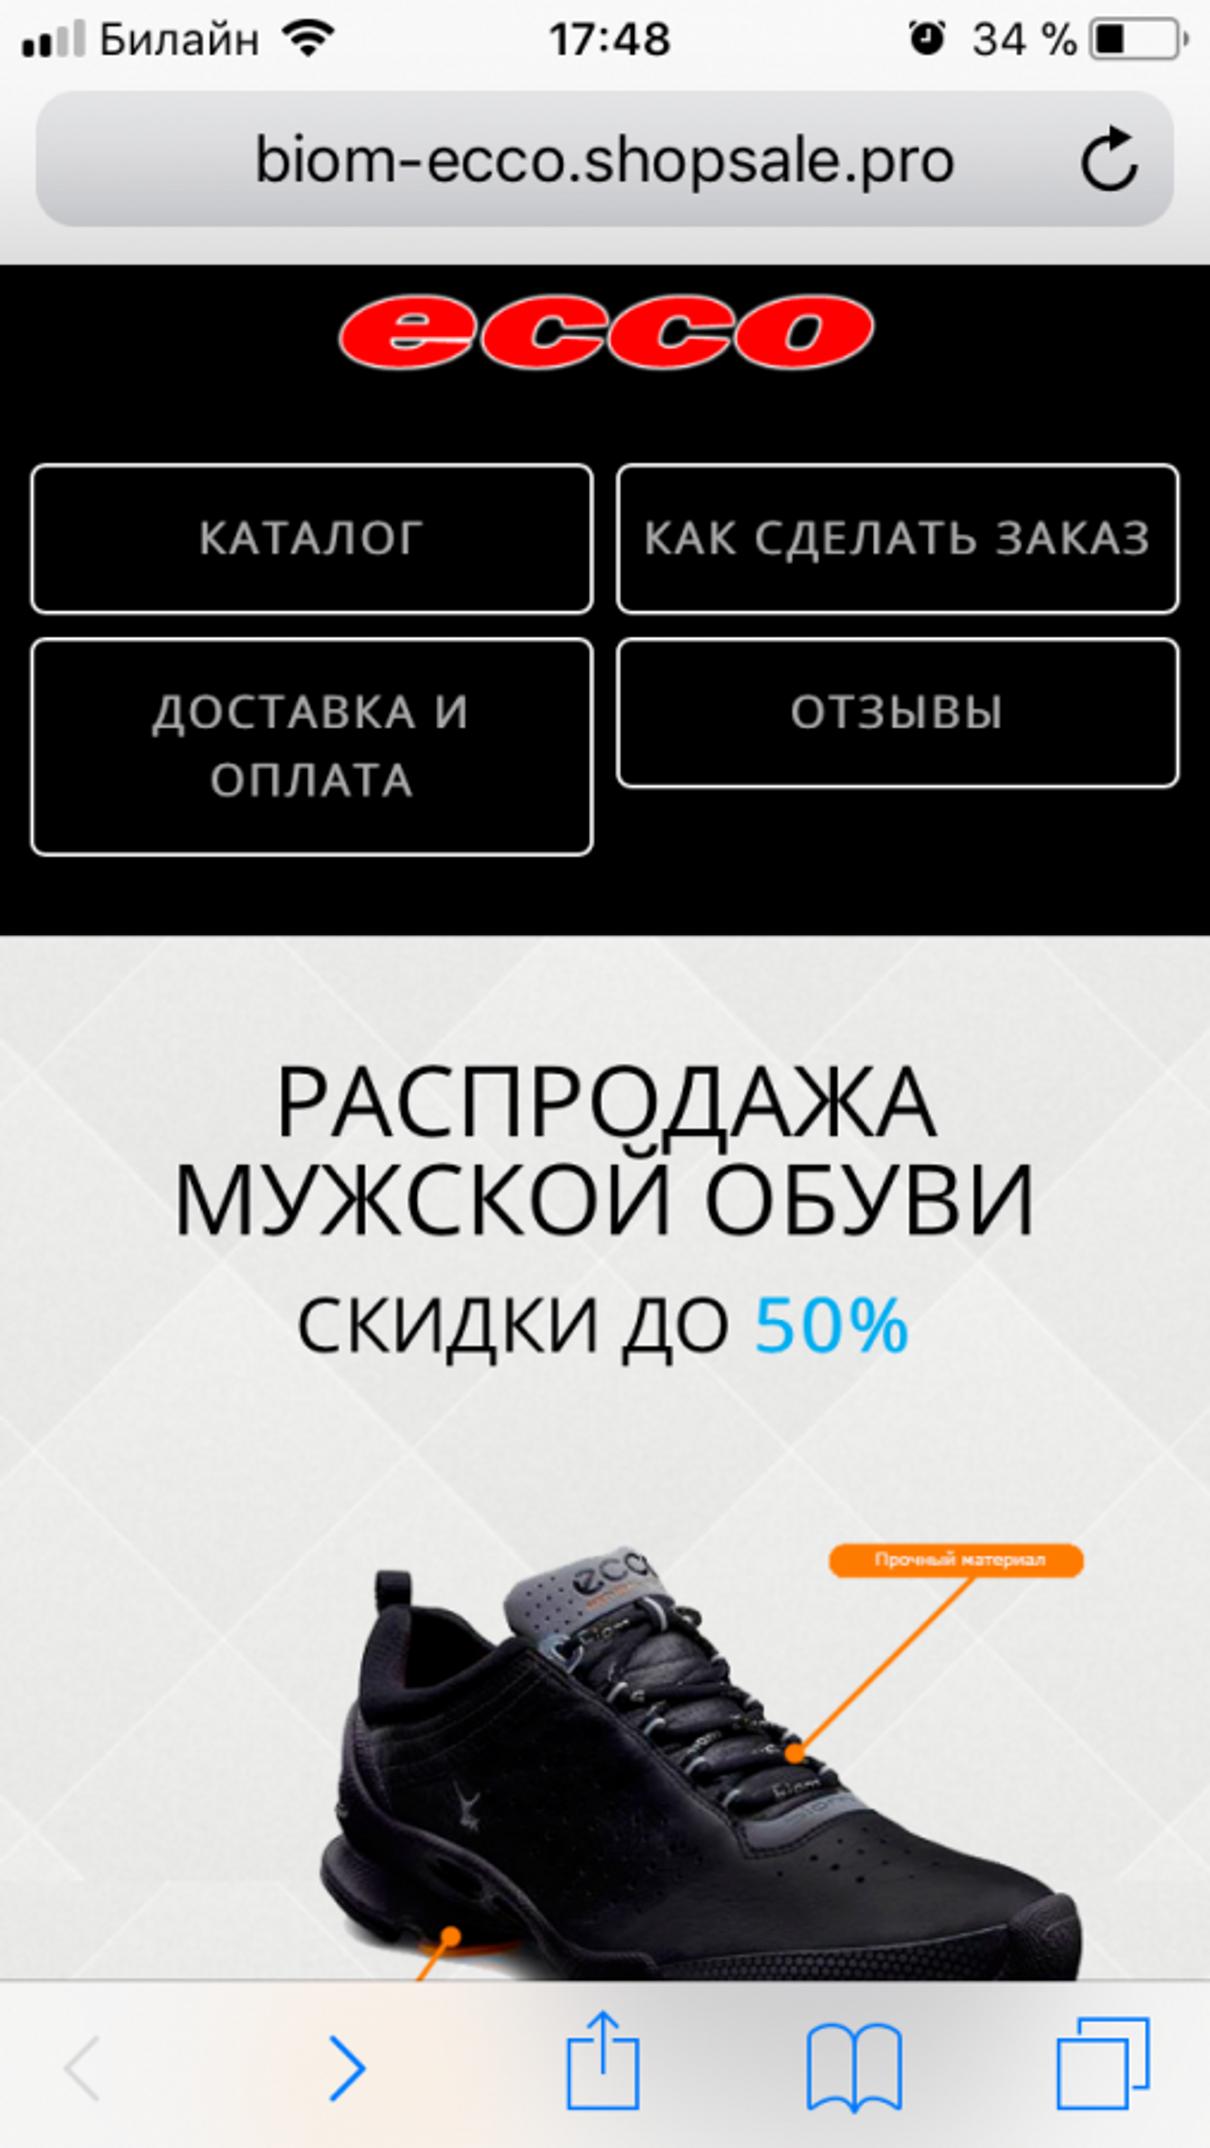 Жалоба-отзыв: ООО ПИМ - Мошенники на государственном уровне.  Фото №1